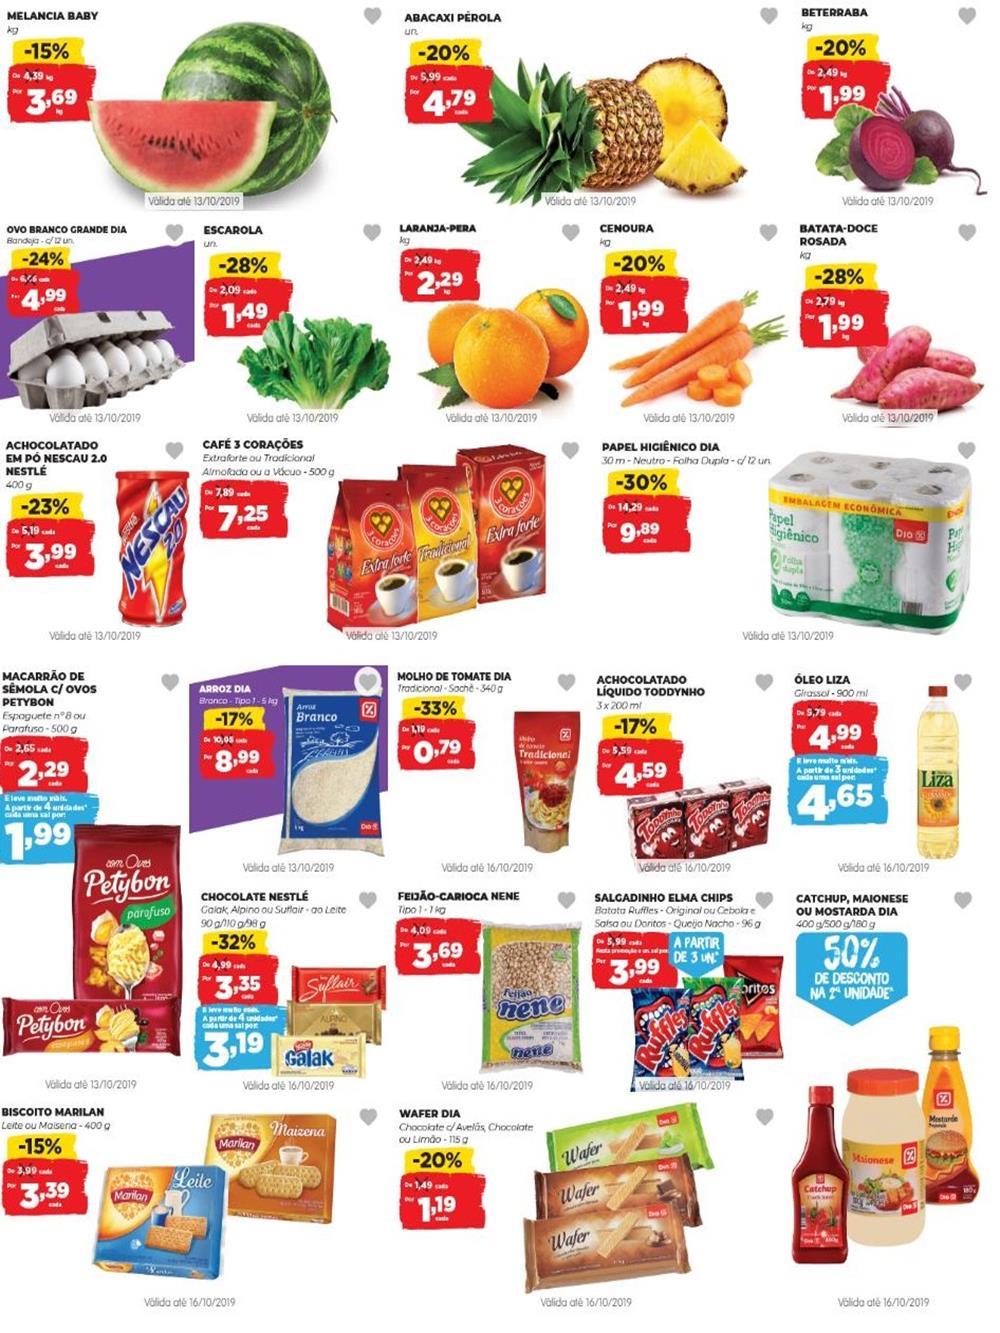 dia-folhetos-tabloide1-1 Ofertas de supermercados - Black Friday 2019